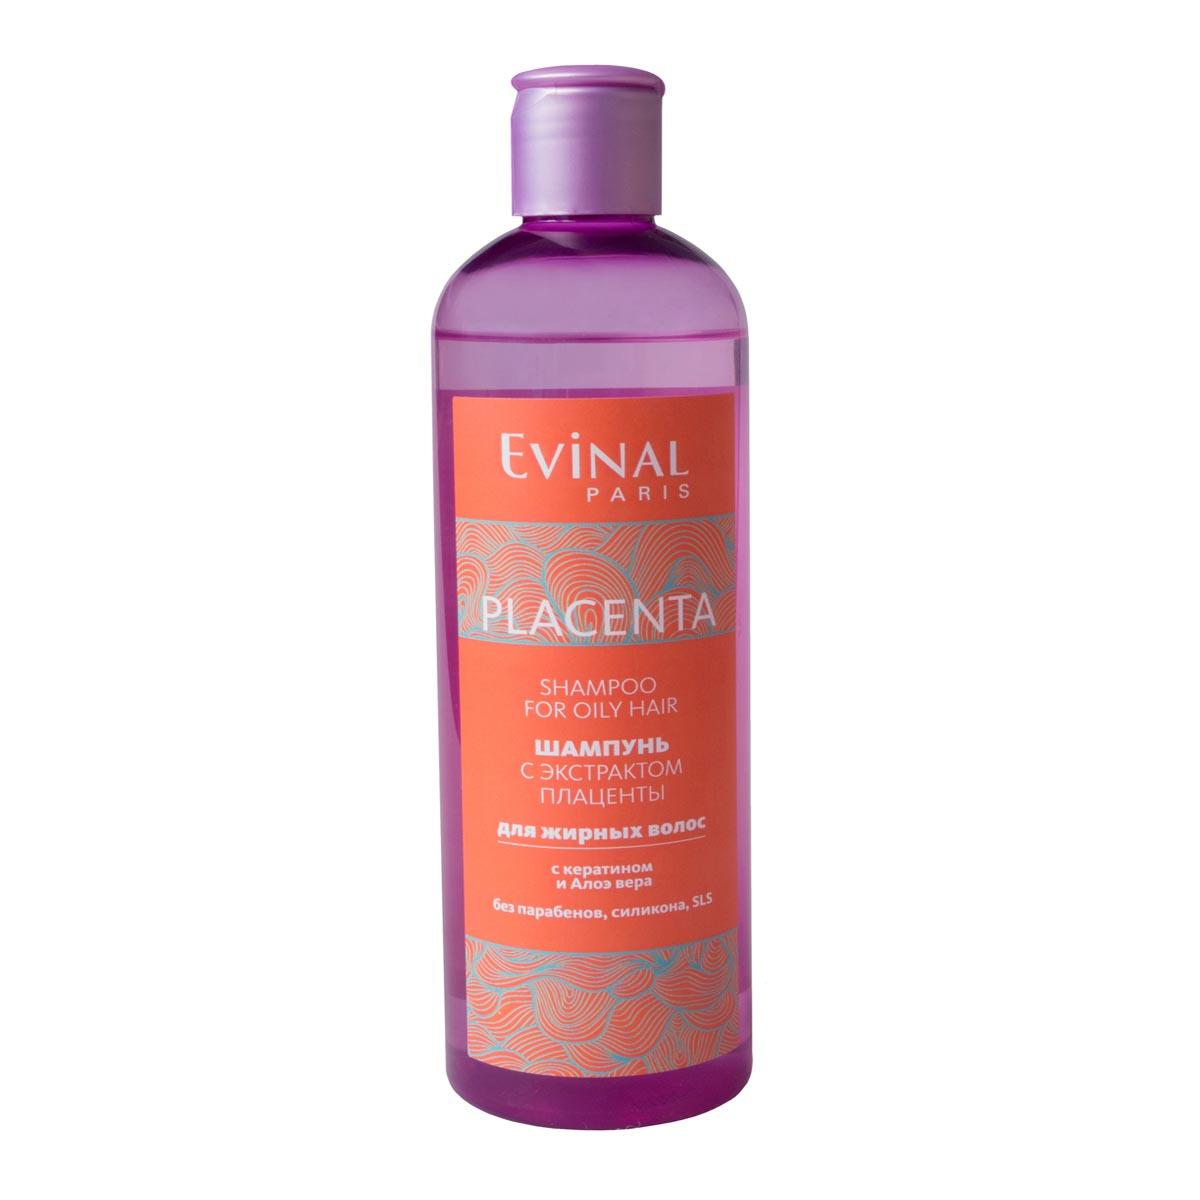 Шампунь Evinal с экстрактом плаценты, для жирных волос, 300 мл72523WDШампунь Evinal с экстрактом плаценты для жирных волос. Показания к применению: выпадение волос, слабые и ломкие волосы, секущиеся концы волос, повышенная жирность волос.Результат клинических испытаний: шампунь надежно останавливает выпадение волос в 83% случаев, усиливает рост новых волос до 3см за 60дней применения шампуня в 90% случаев, придает объем блеск и силу в 100% случаев, нормализует работу сальных желез.Рекомендован для ежедневного использования. Максимальный результат достигается при совместном использовании шампуня и бальзама на плаценте в течение 60 дней.Основные активные вещества: Экстракт плаценты, Экстракт крапивы, Экстракт зеленого чая, Д-пантенол.Хранить при комнатной температуре.